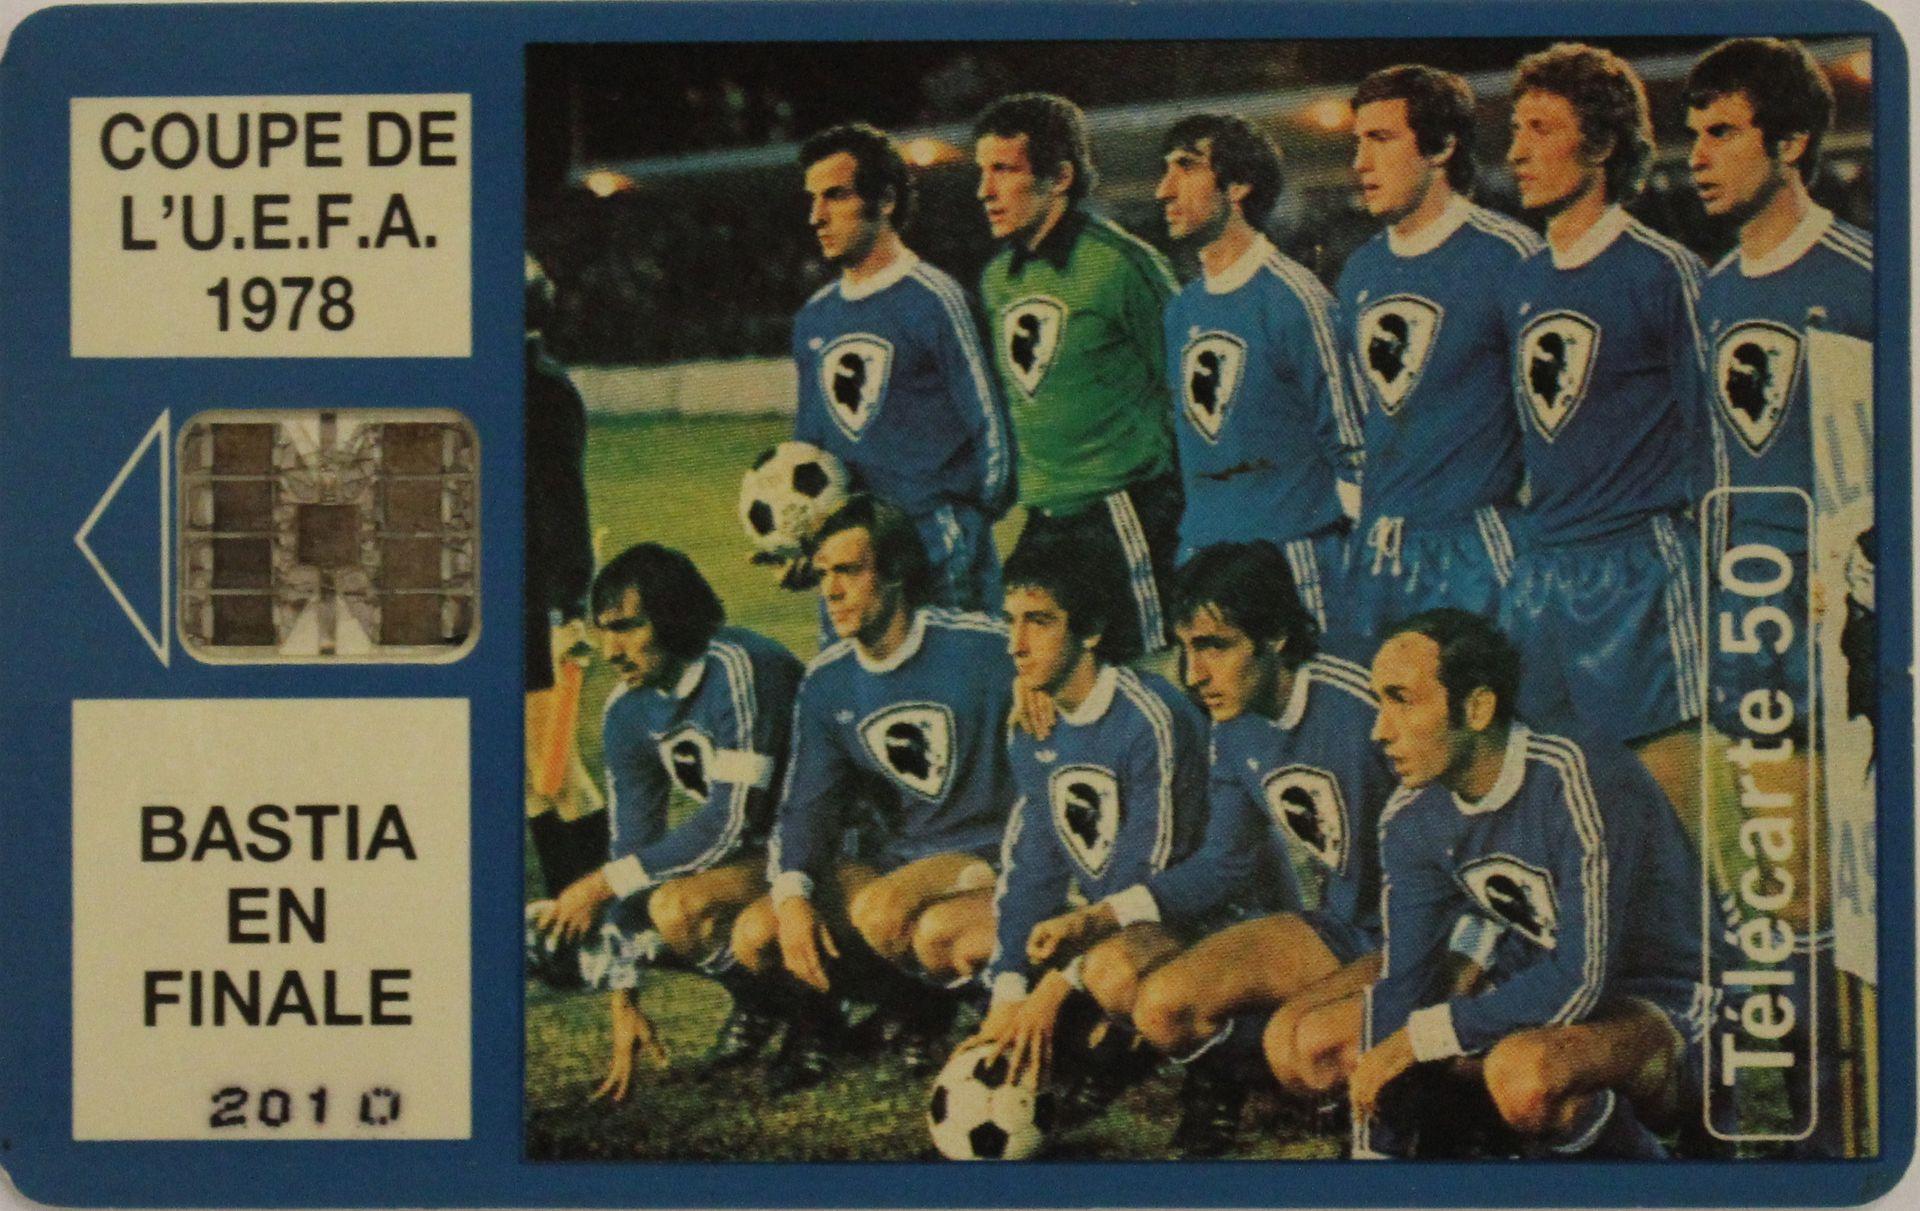 Il Bastia e quella Coppa Uefa che esaltò tutto lo spirito corso